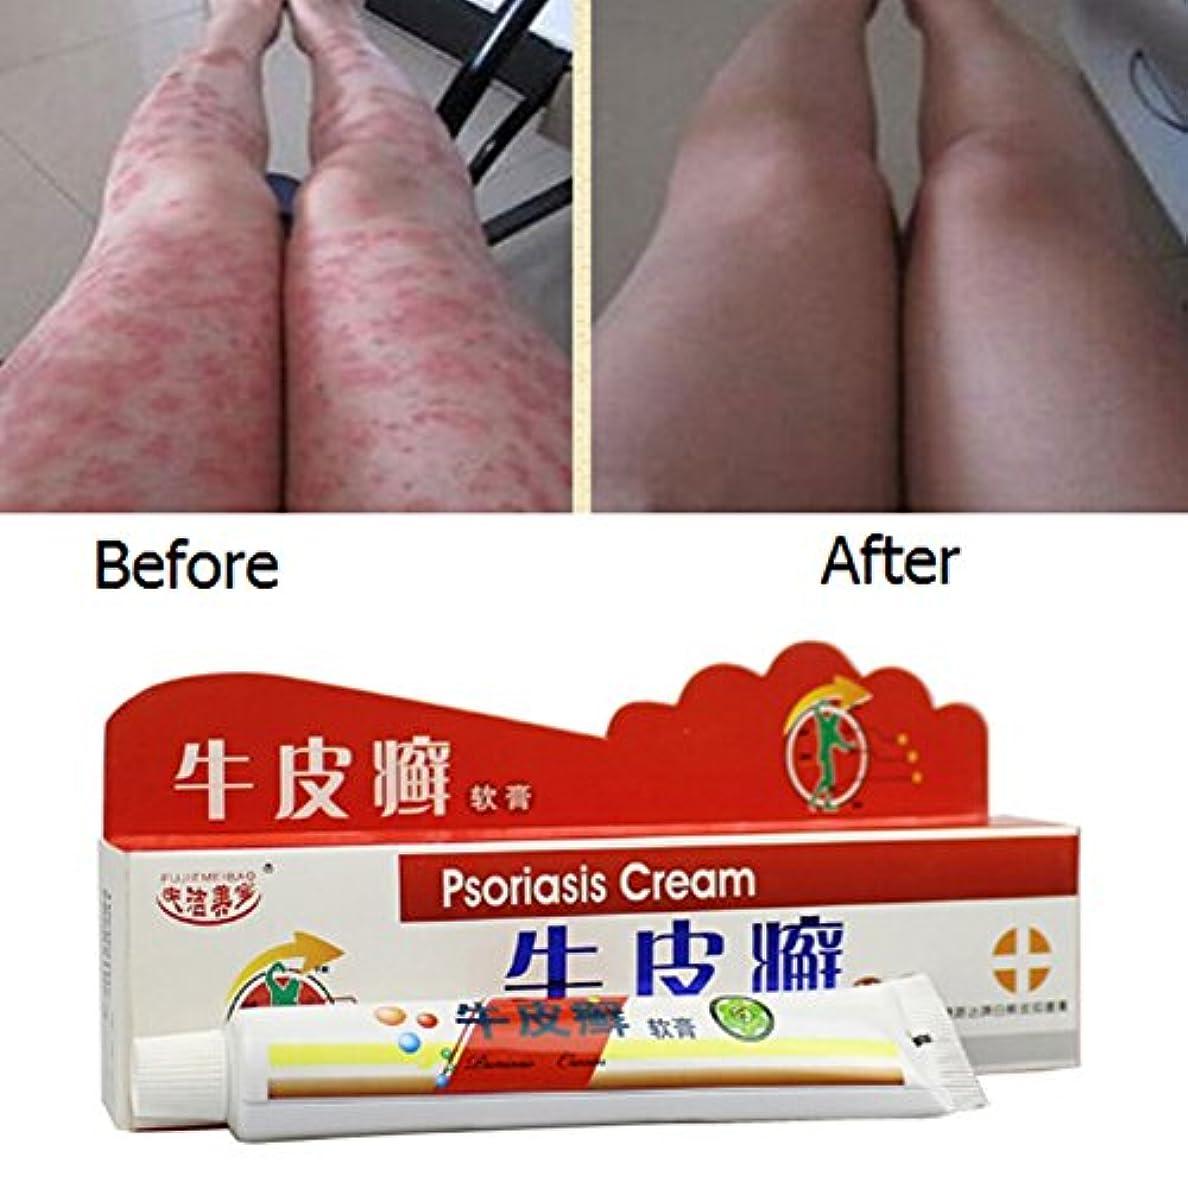 分泌する額不適切な乾癬クリーム 漢方薬 植物成分 ハーブ軟膏 抗菌 クリーム 湿疹 乾癬 かゆみ Ammbous